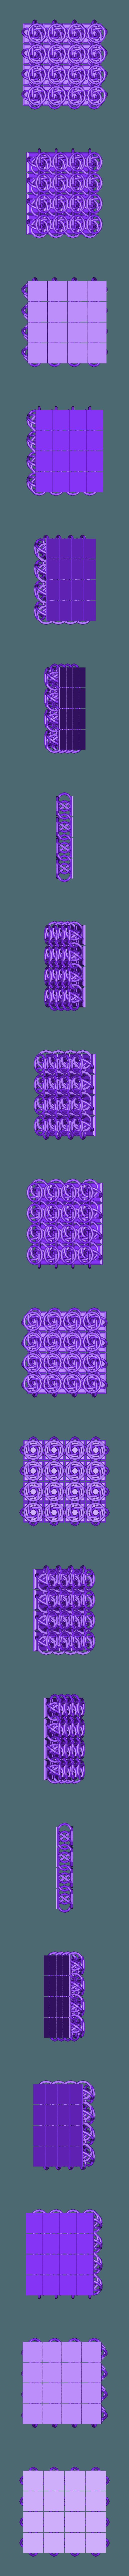 nasa_chain_20190506-49-f9tfz0.stl Télécharger fichier STL gratuit La cotte de mailles de la NASA • Design pour imprimante 3D, m3rl1n82